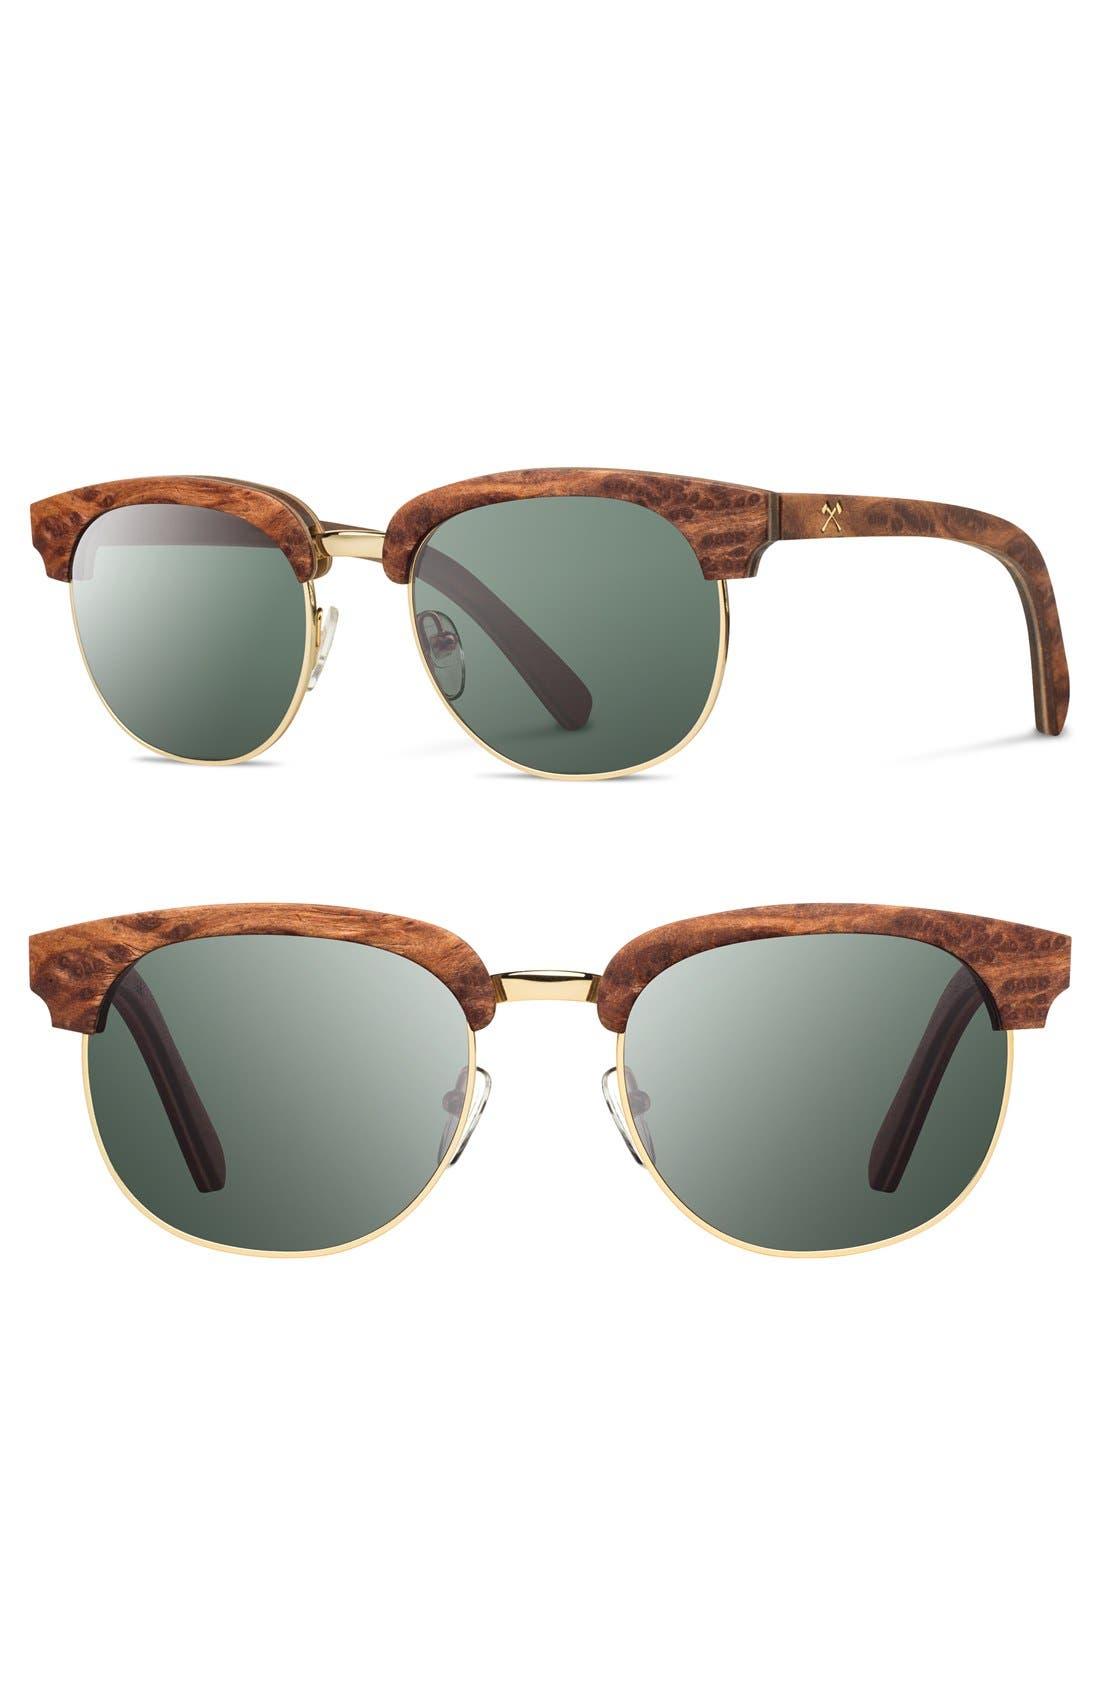 Main Image - Shwood 'Eugene' 54mm Polarized Wood Sunglasses